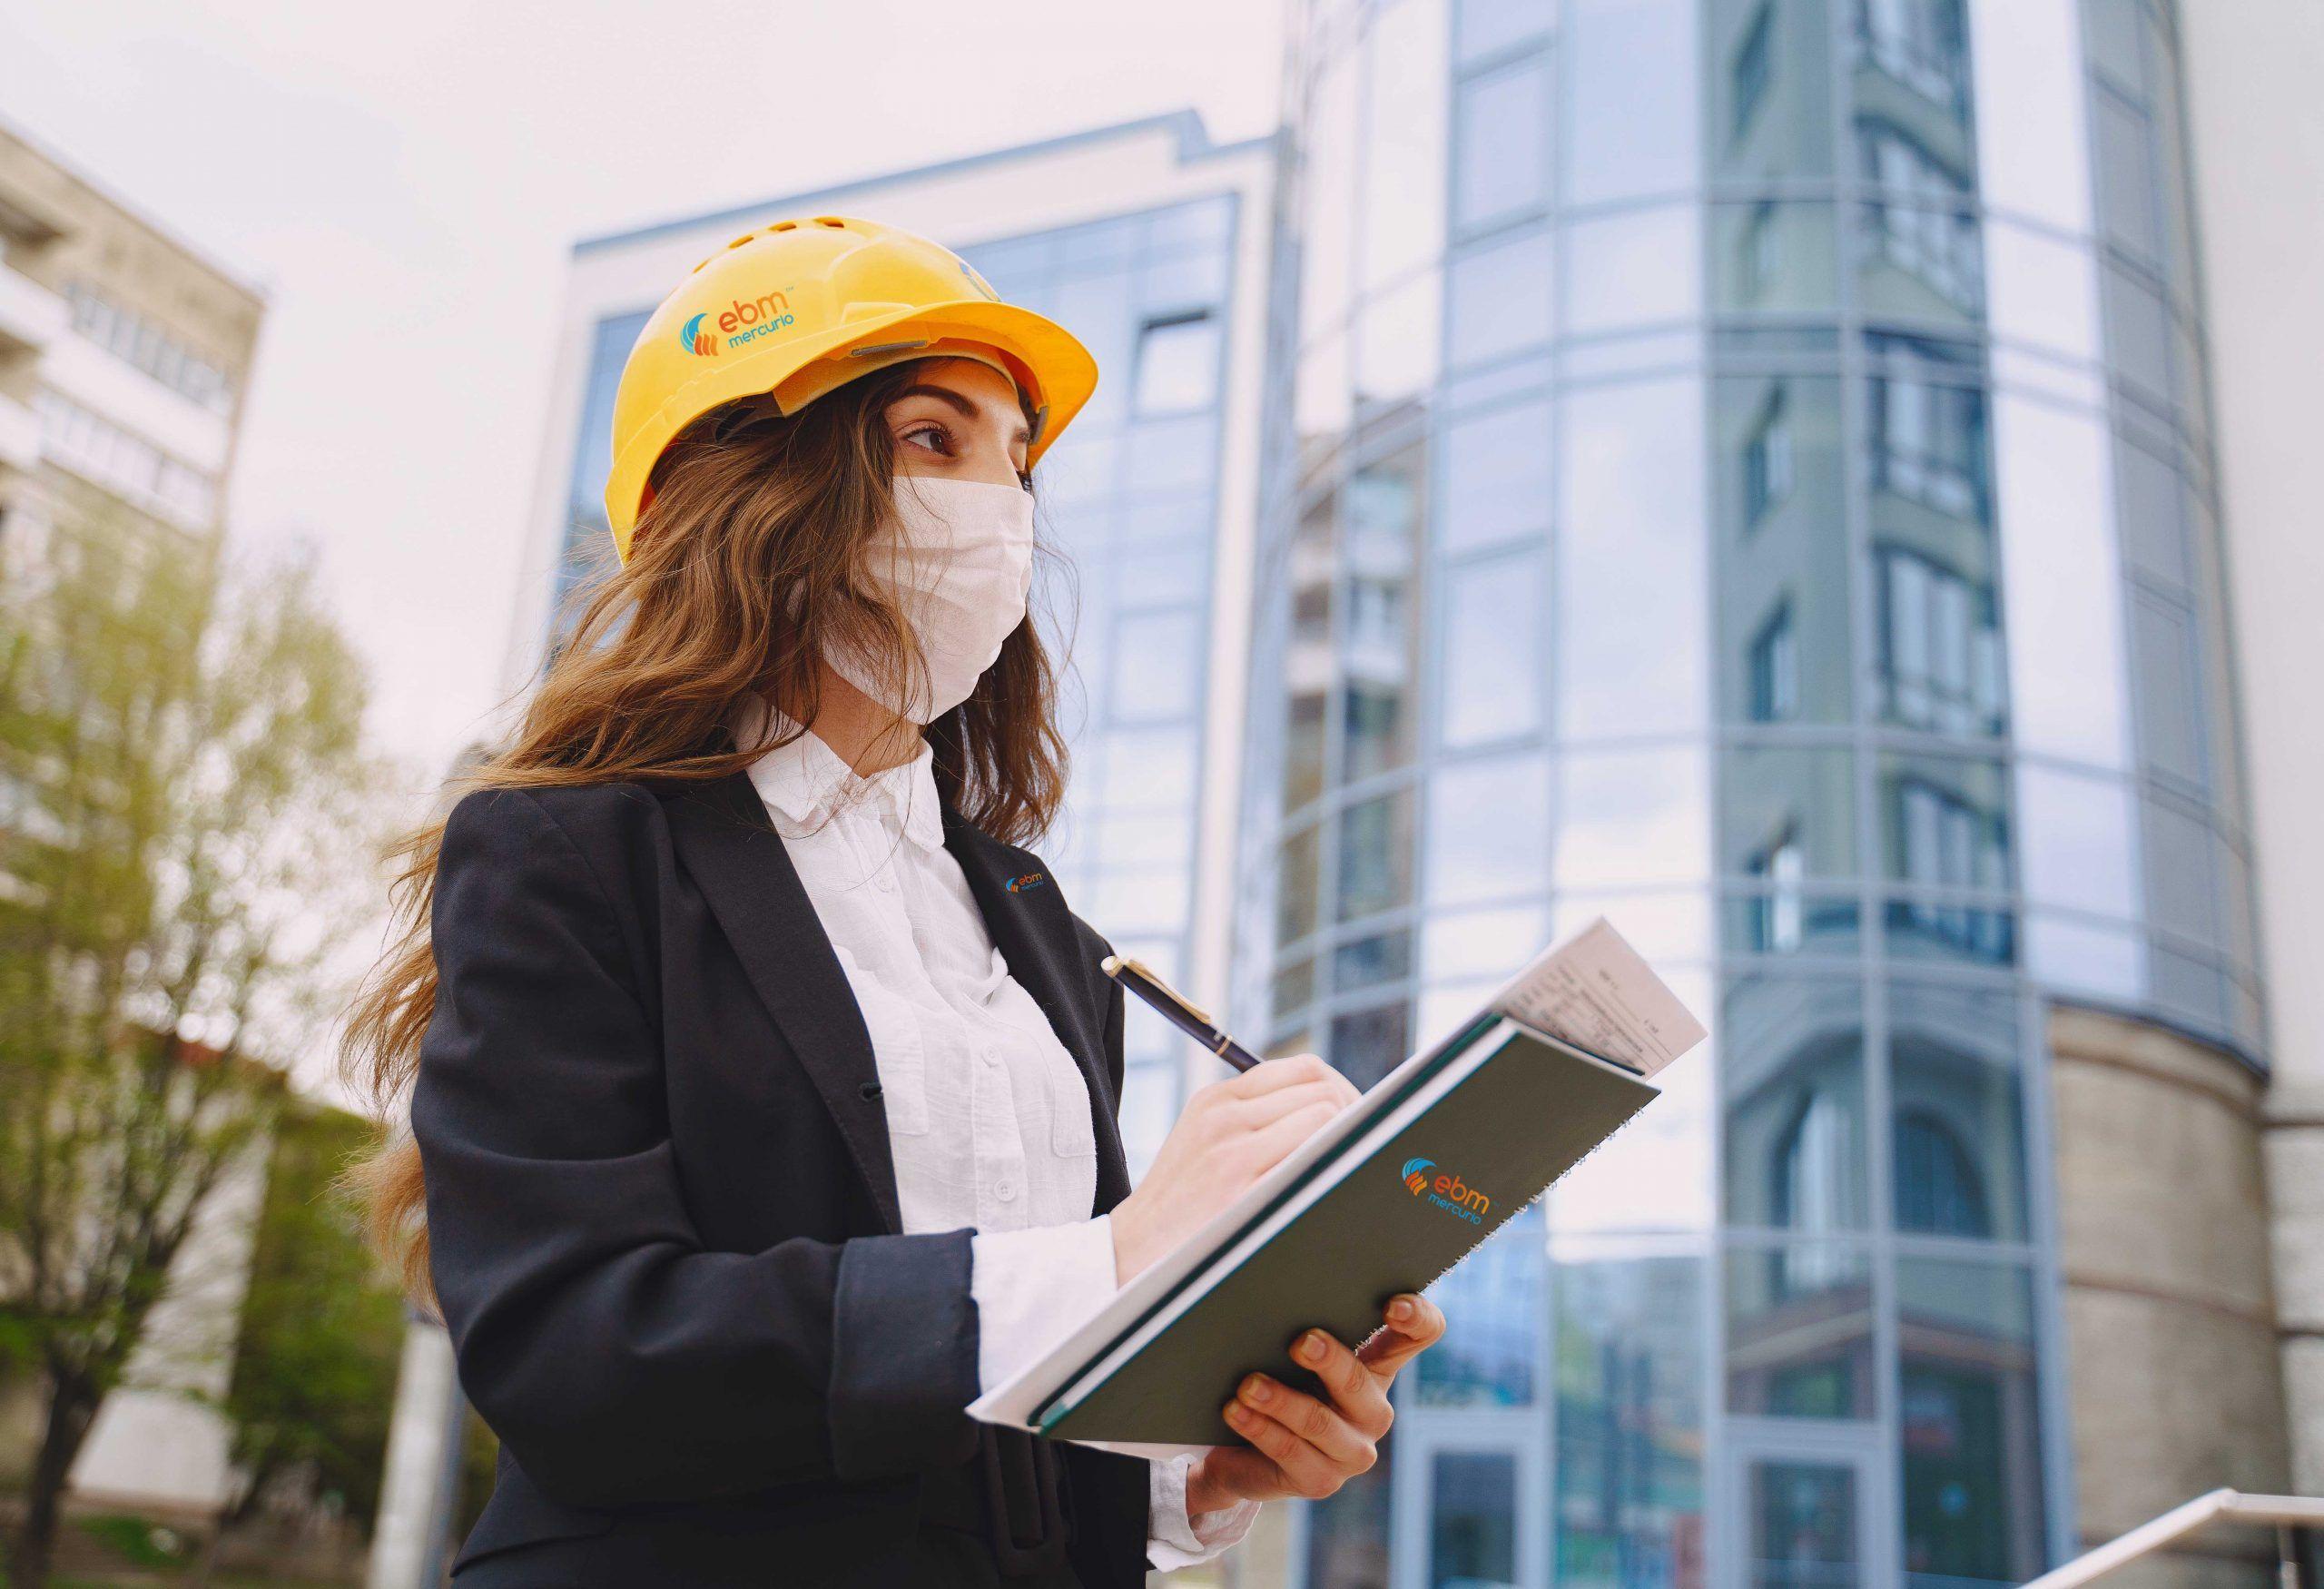 SAR-CoV-2: RECOMENDACIONES DE OPERACIÓN Y MANTENIMIENTO DE LA CLIMATIZACIÓN Y VENTILACIÓN PARA LA PREVENCIÓN DE SU PROPAGACIÓN. Climatización, aire acondicionado, aerotermia, coronavirus, covid, COVID-19, seguridad